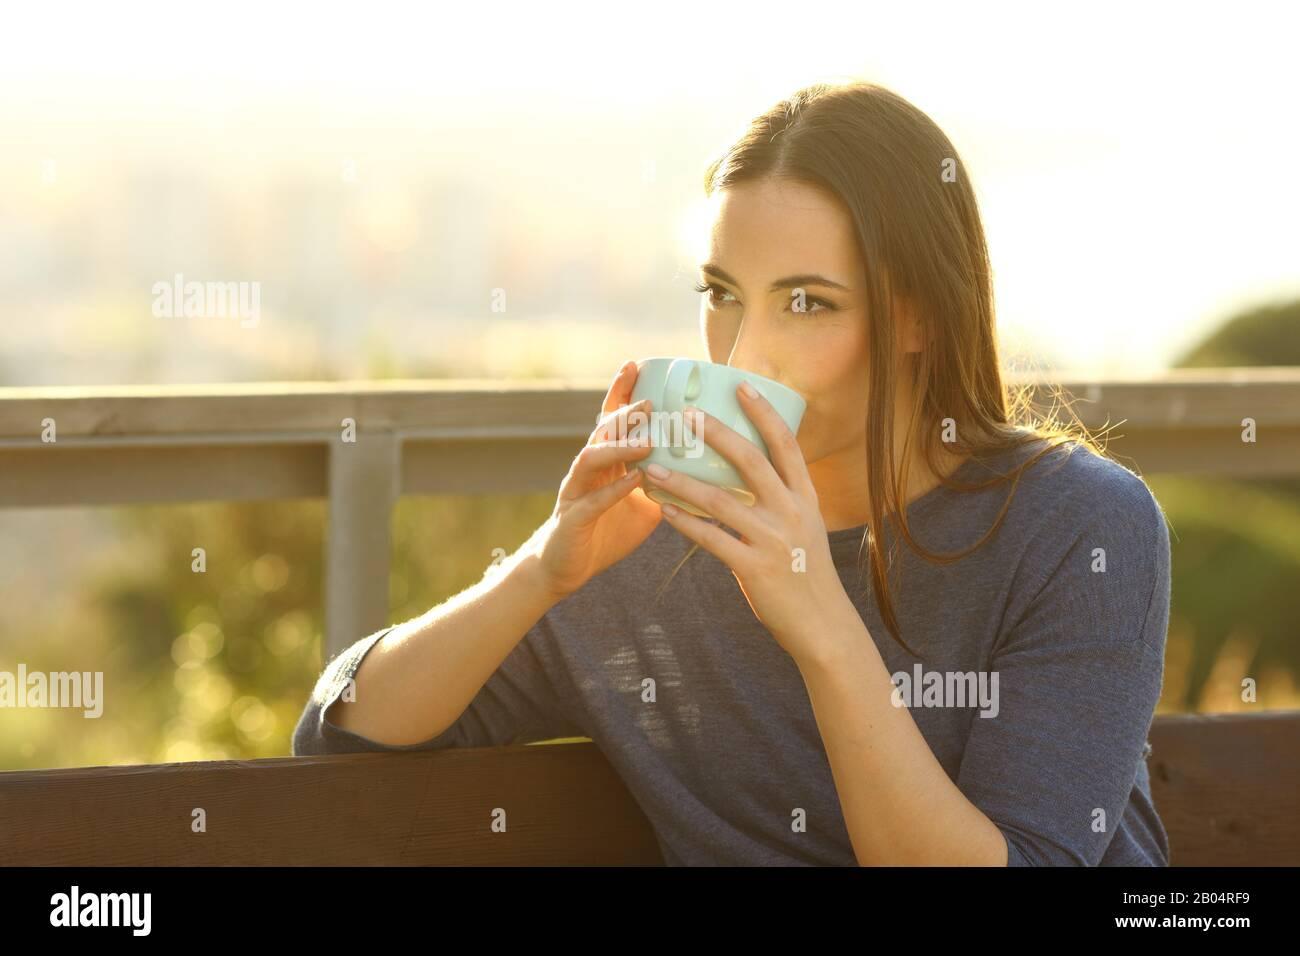 Donna rilassata bevendo caffè seduto su una panchina in un parco al tramonto Foto Stock